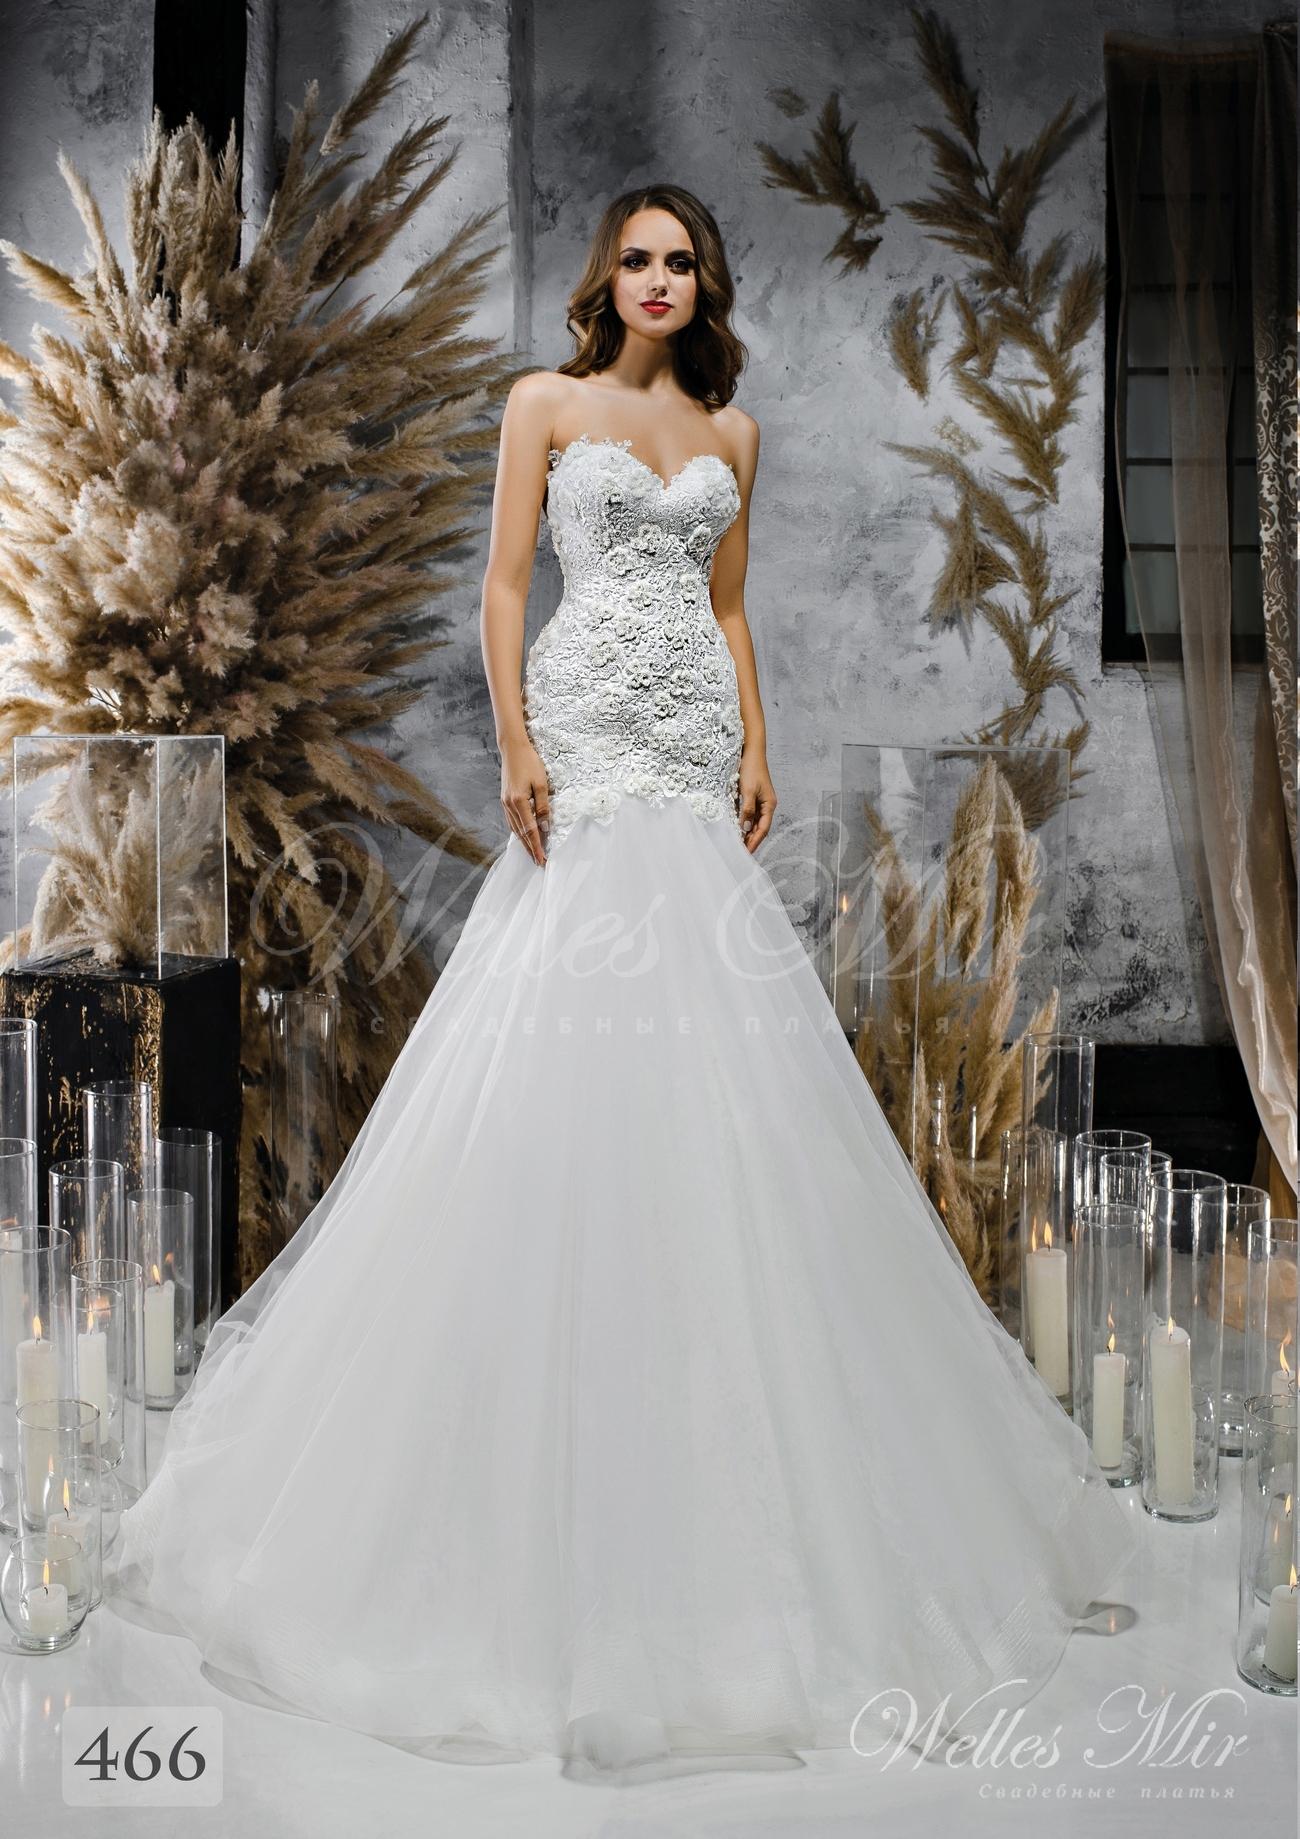 Свадебные платья Unique Perfection 2018 - 466